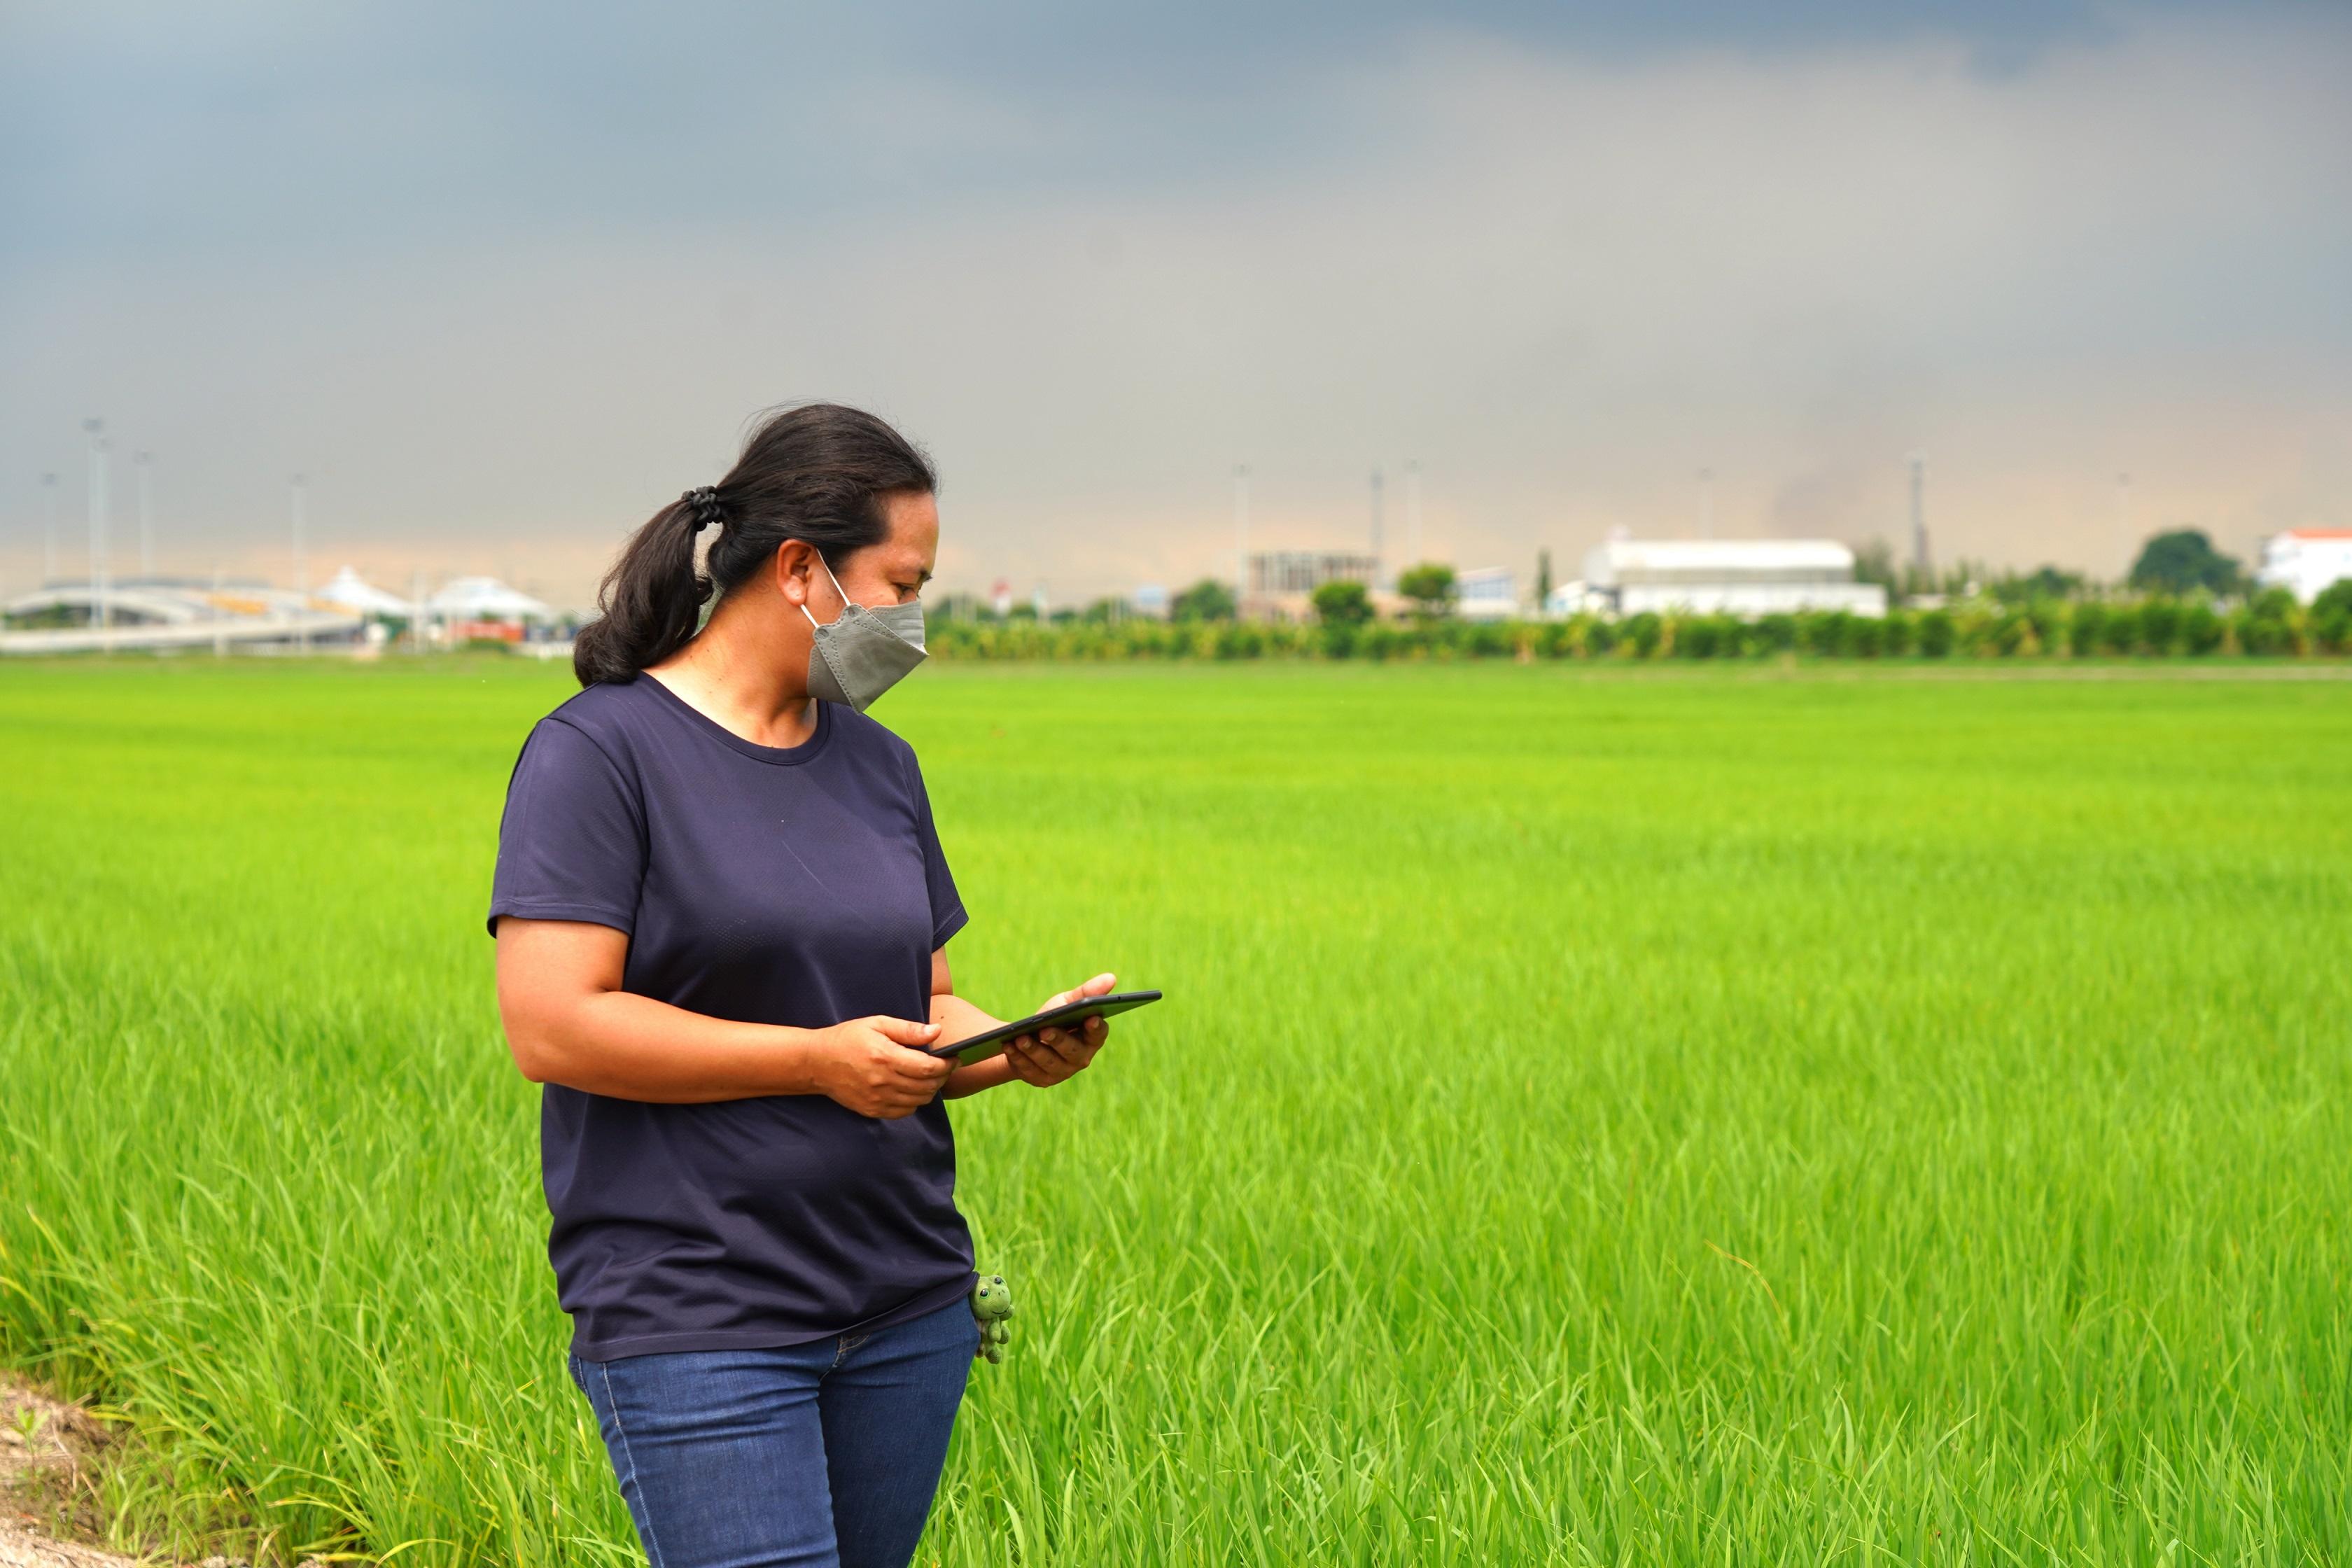 เออาร์วี ร่วมกับ ซัมซุง ส่งหลากโซลูชันช่วยอัพเกรดเกษตรกรไทยก้าวสู่สมาร์ทฟาร์มเมอร์ พร้อมเผยแผนปั้น 3 ดีพเทค ส่งตรงถึงแปลงเกษตรทุกพื้นที่